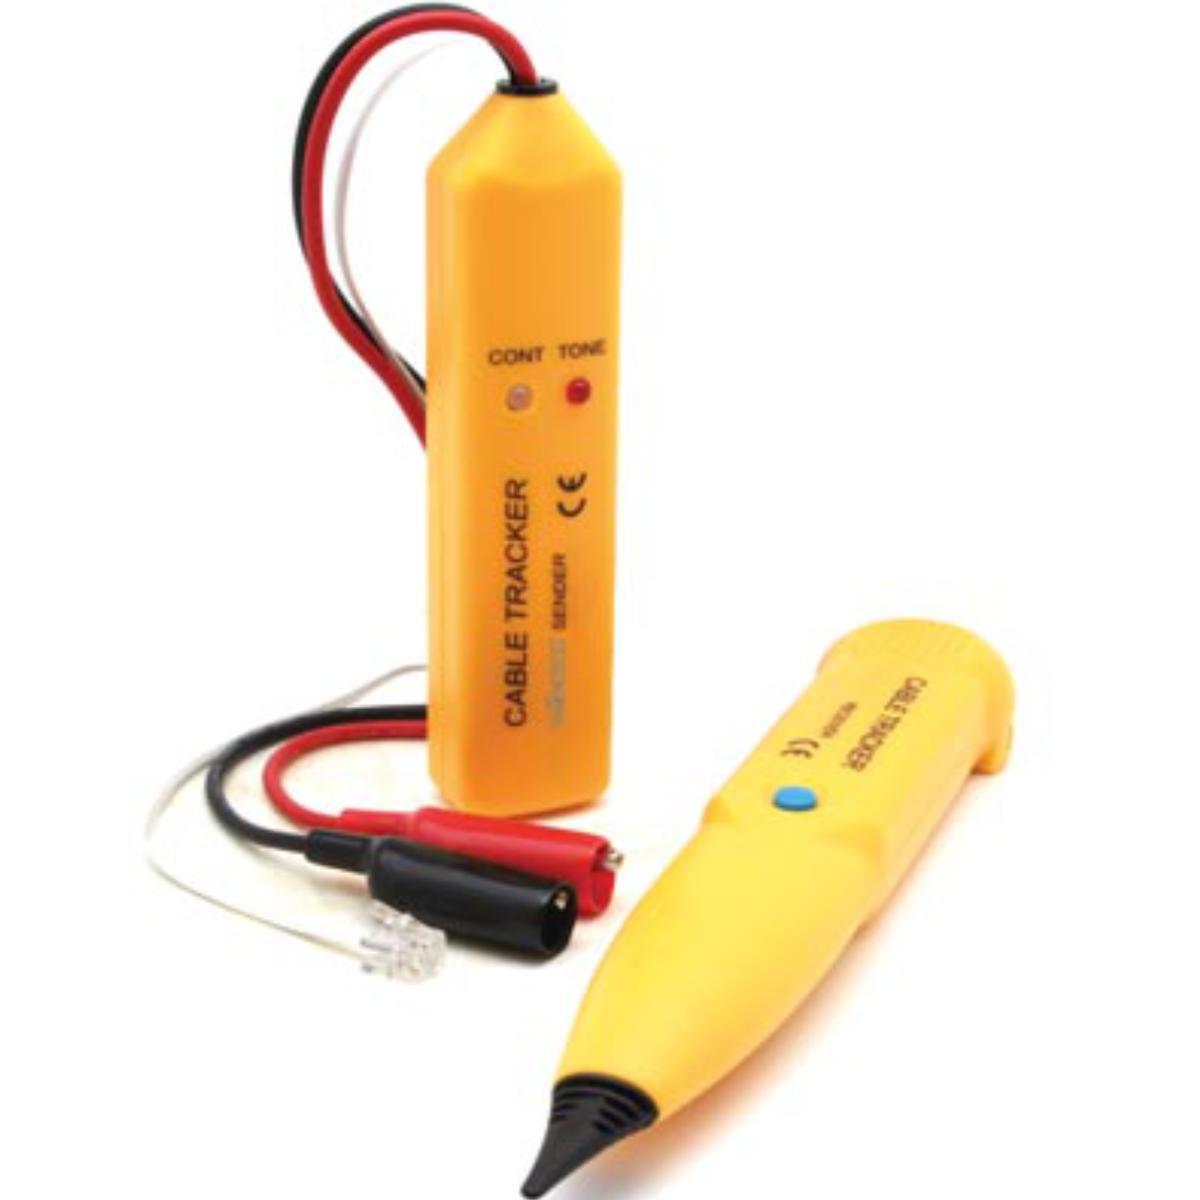 kabeltester-met-toongenerator